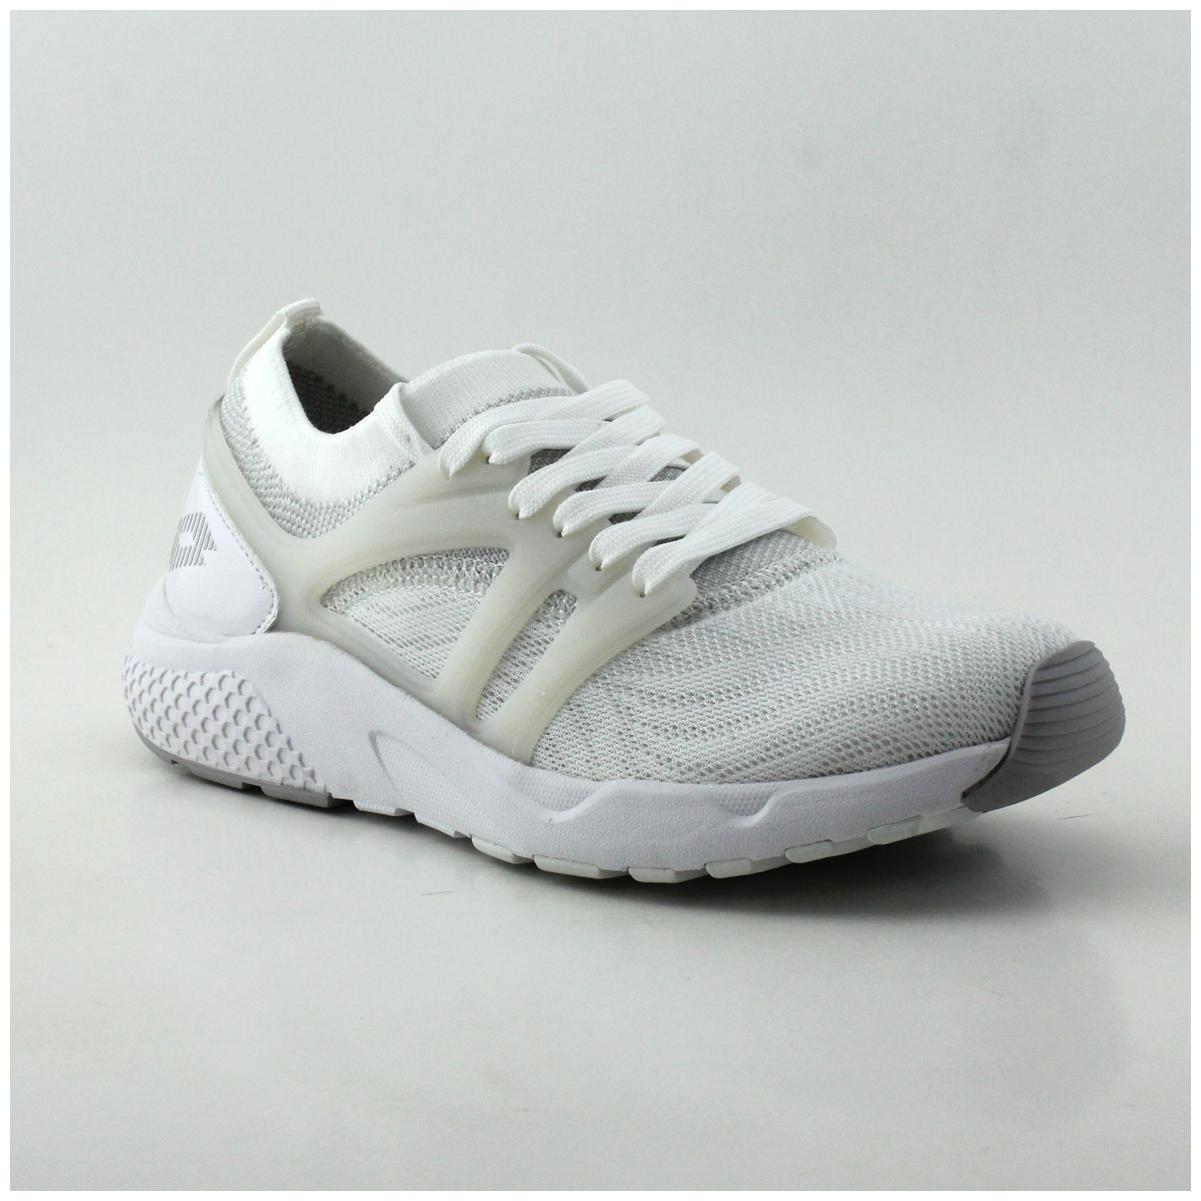 Buy Lotto Women BREEZE W Running Shoes